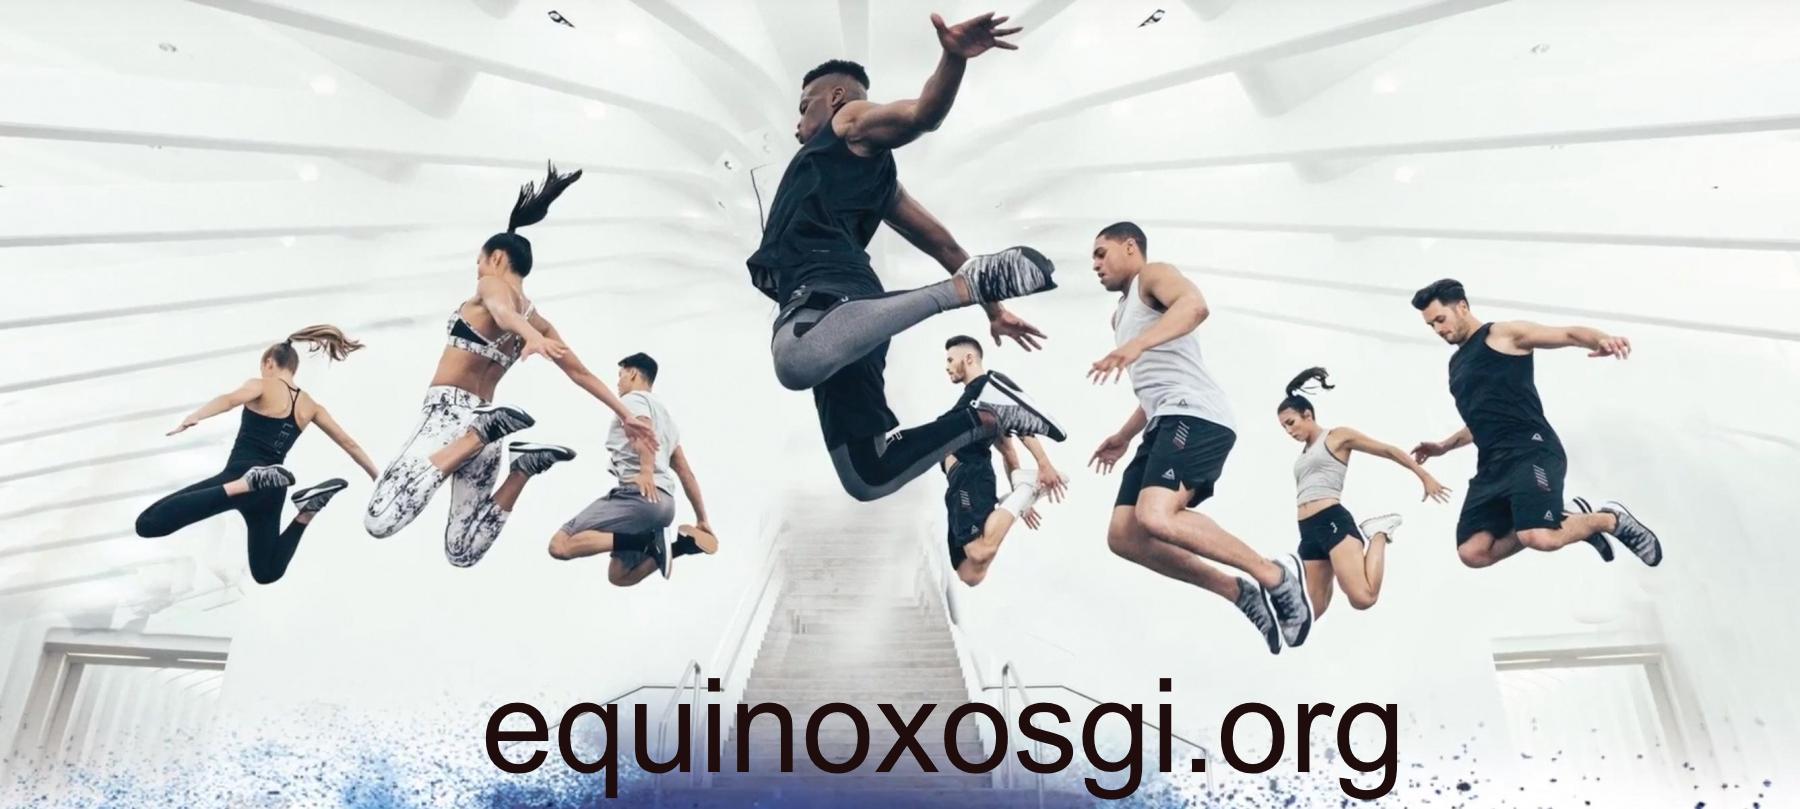 Equinoxosgi